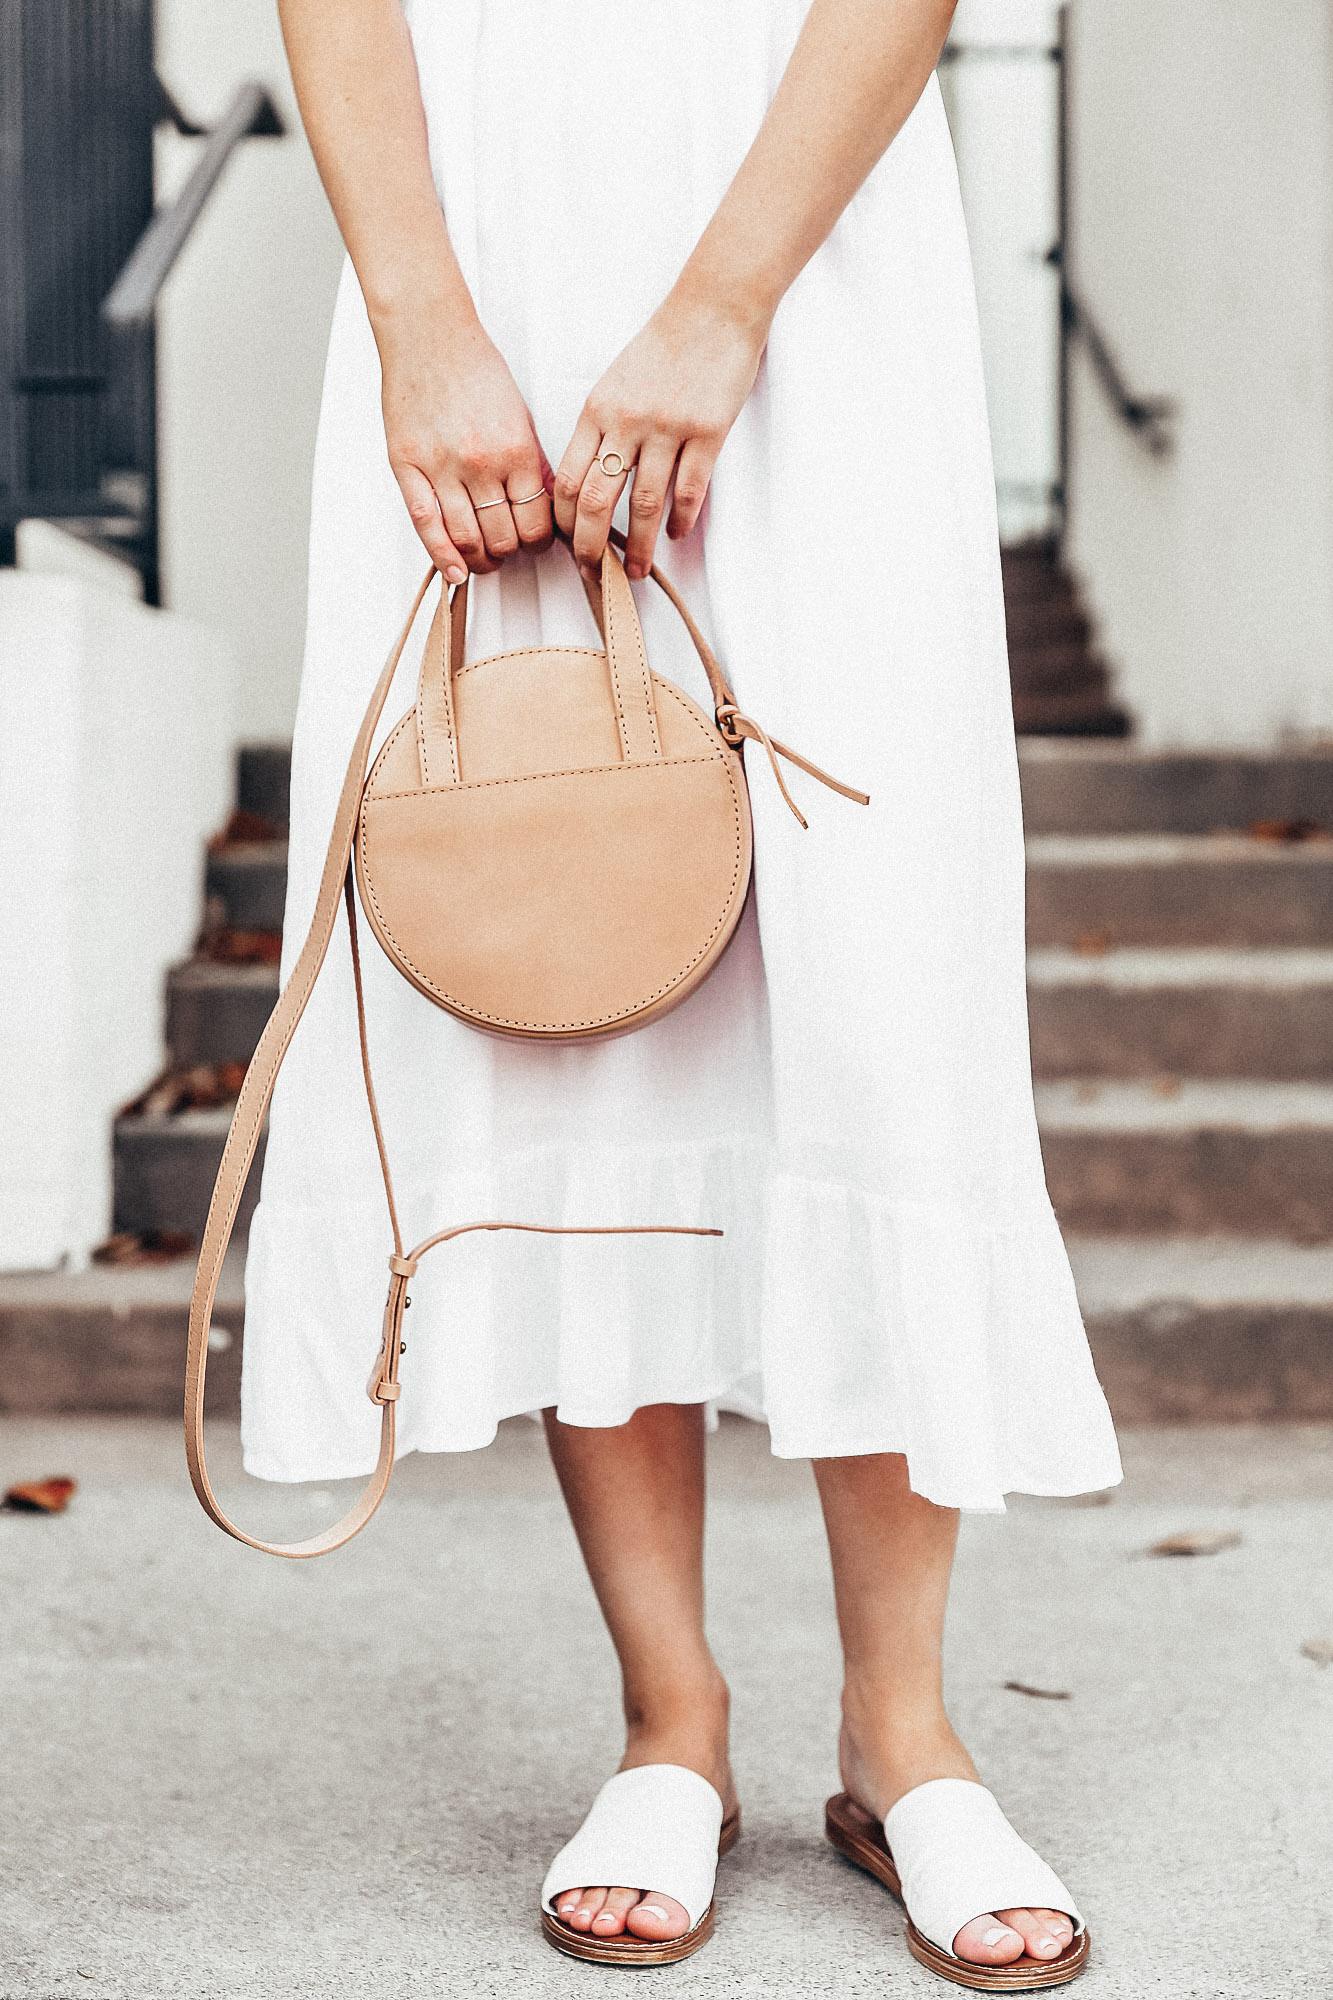 white midi dress and white slides